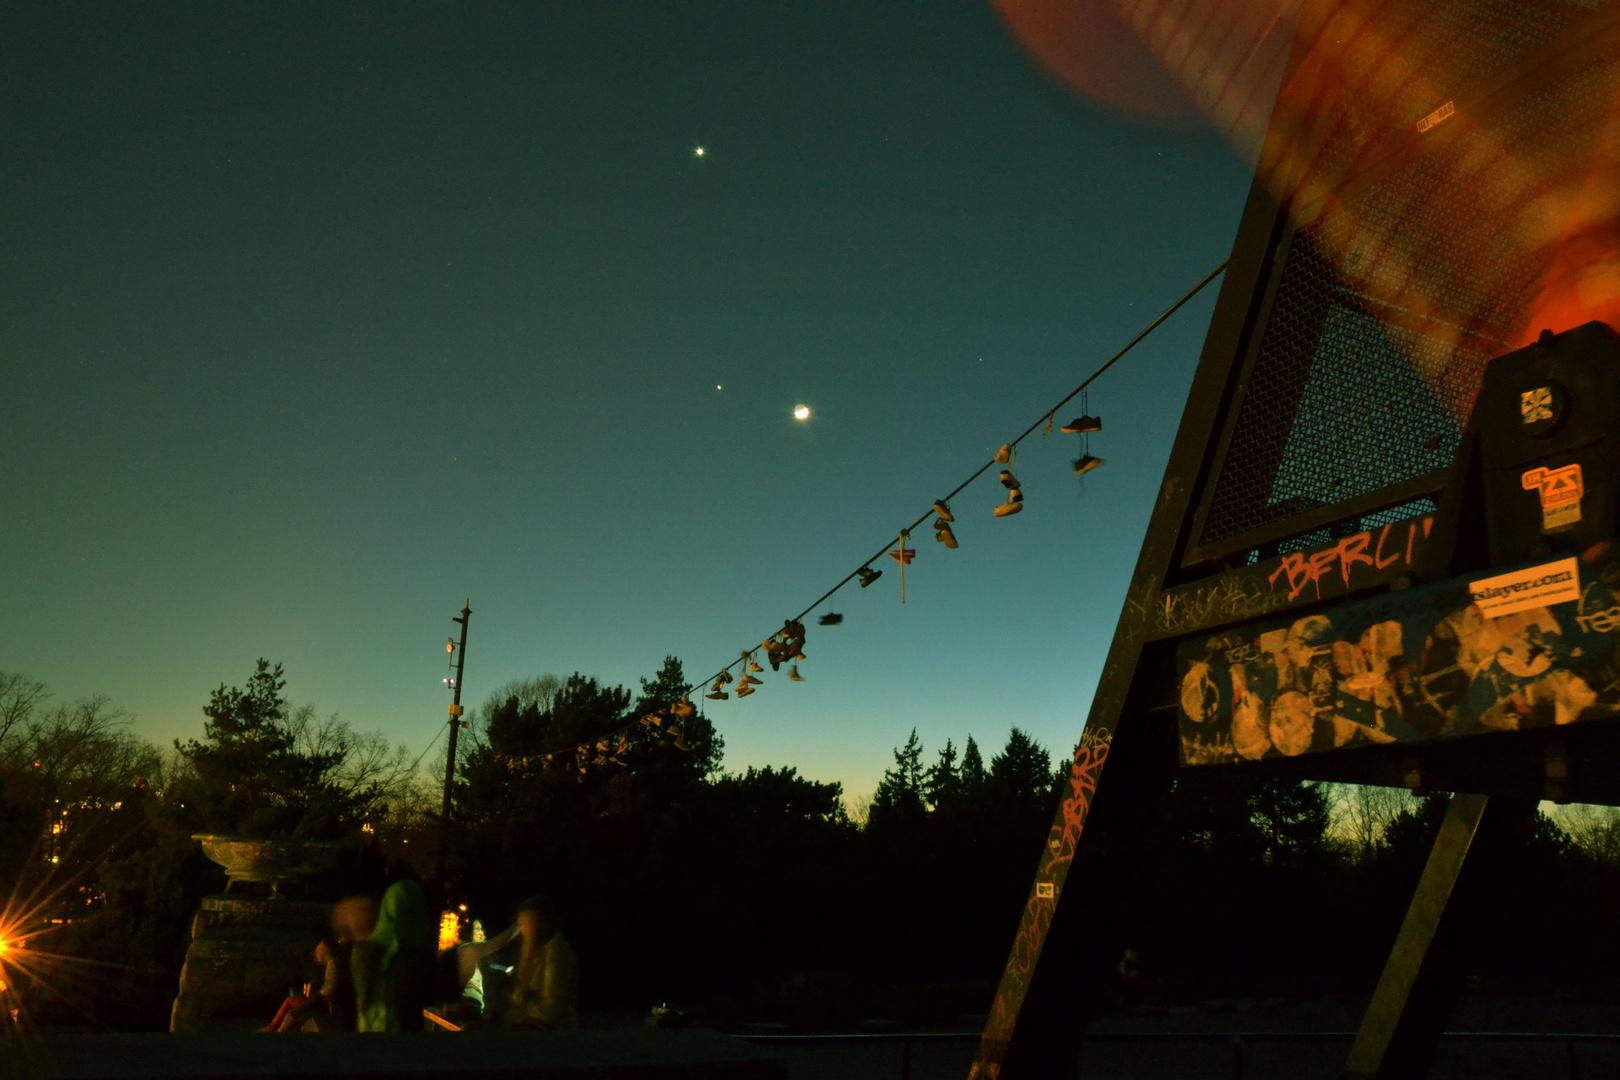 Nachtgang zu Fuß